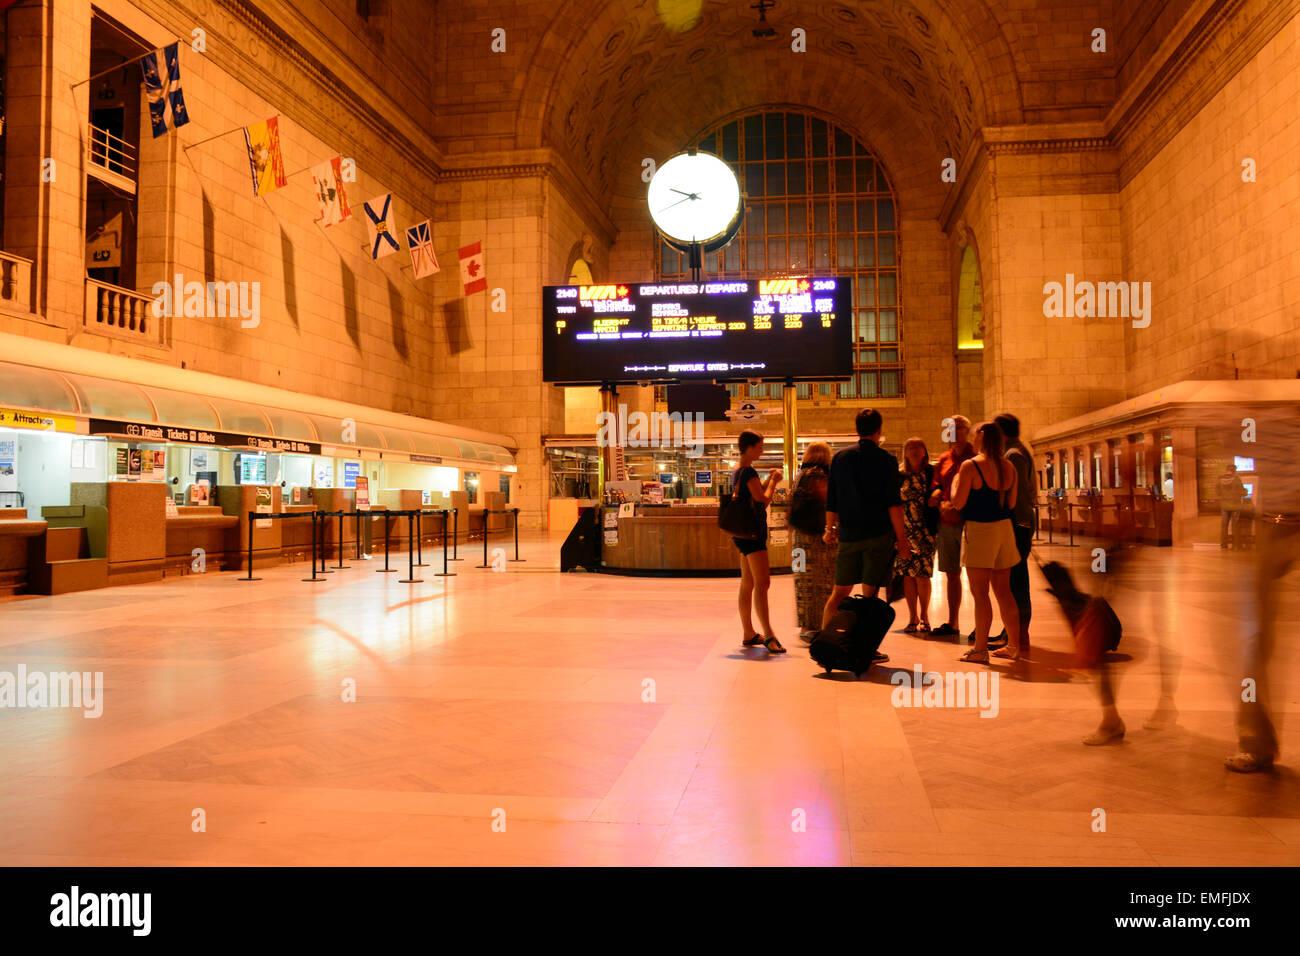 La nuit de la gare Union, Toronto, Canada Photo Stock